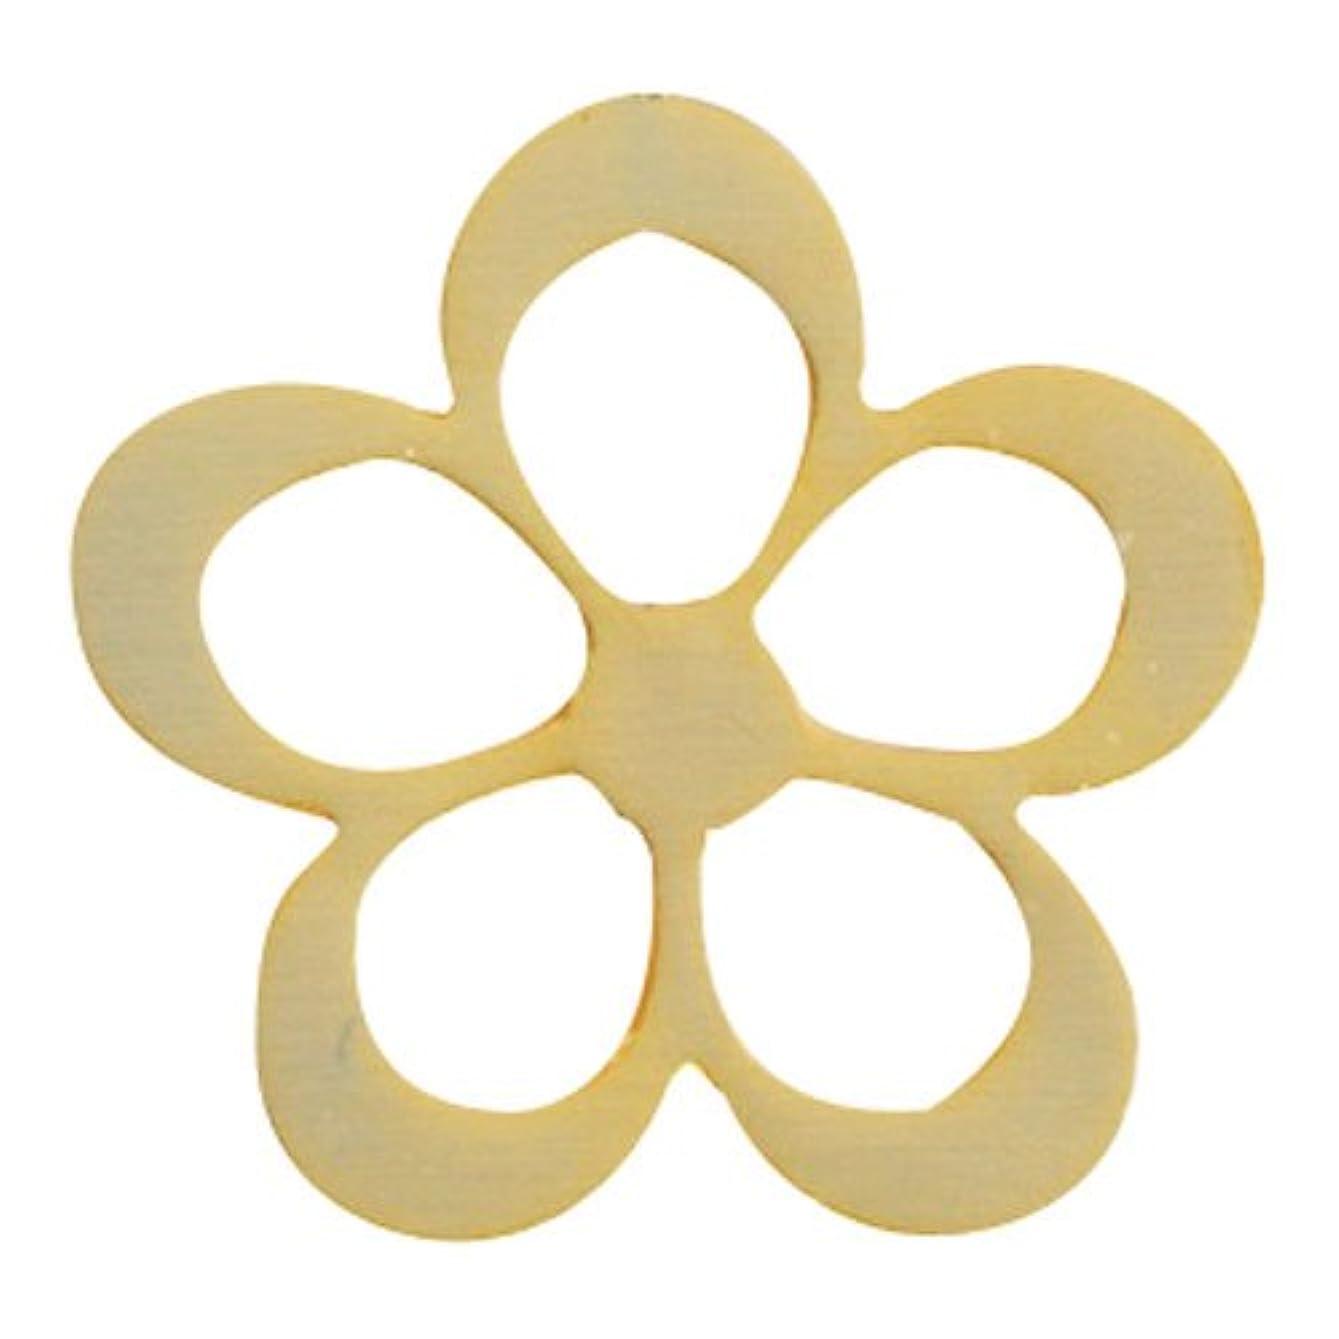 いちゃつく北方風味リトルプリティー ネイルアートパーツ シャイニーフラワー L ゴールド 10個